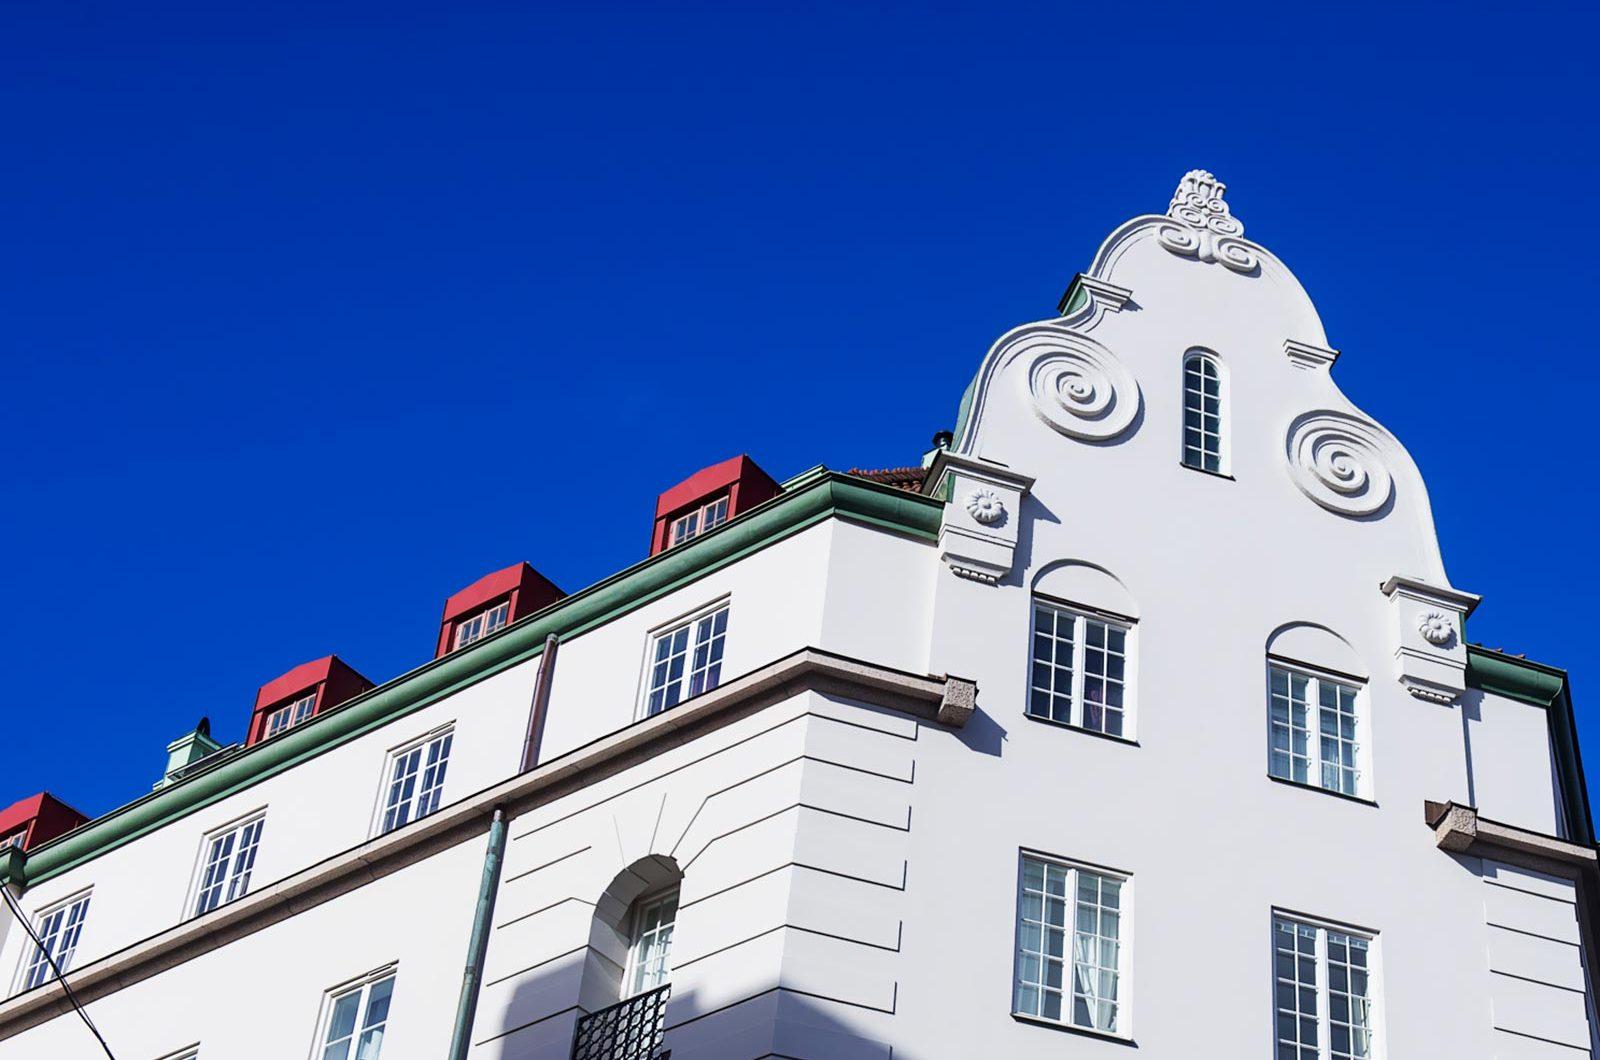 Stockholms fasad och ställnings AB, utför alla typer av Fasadrenoveringar